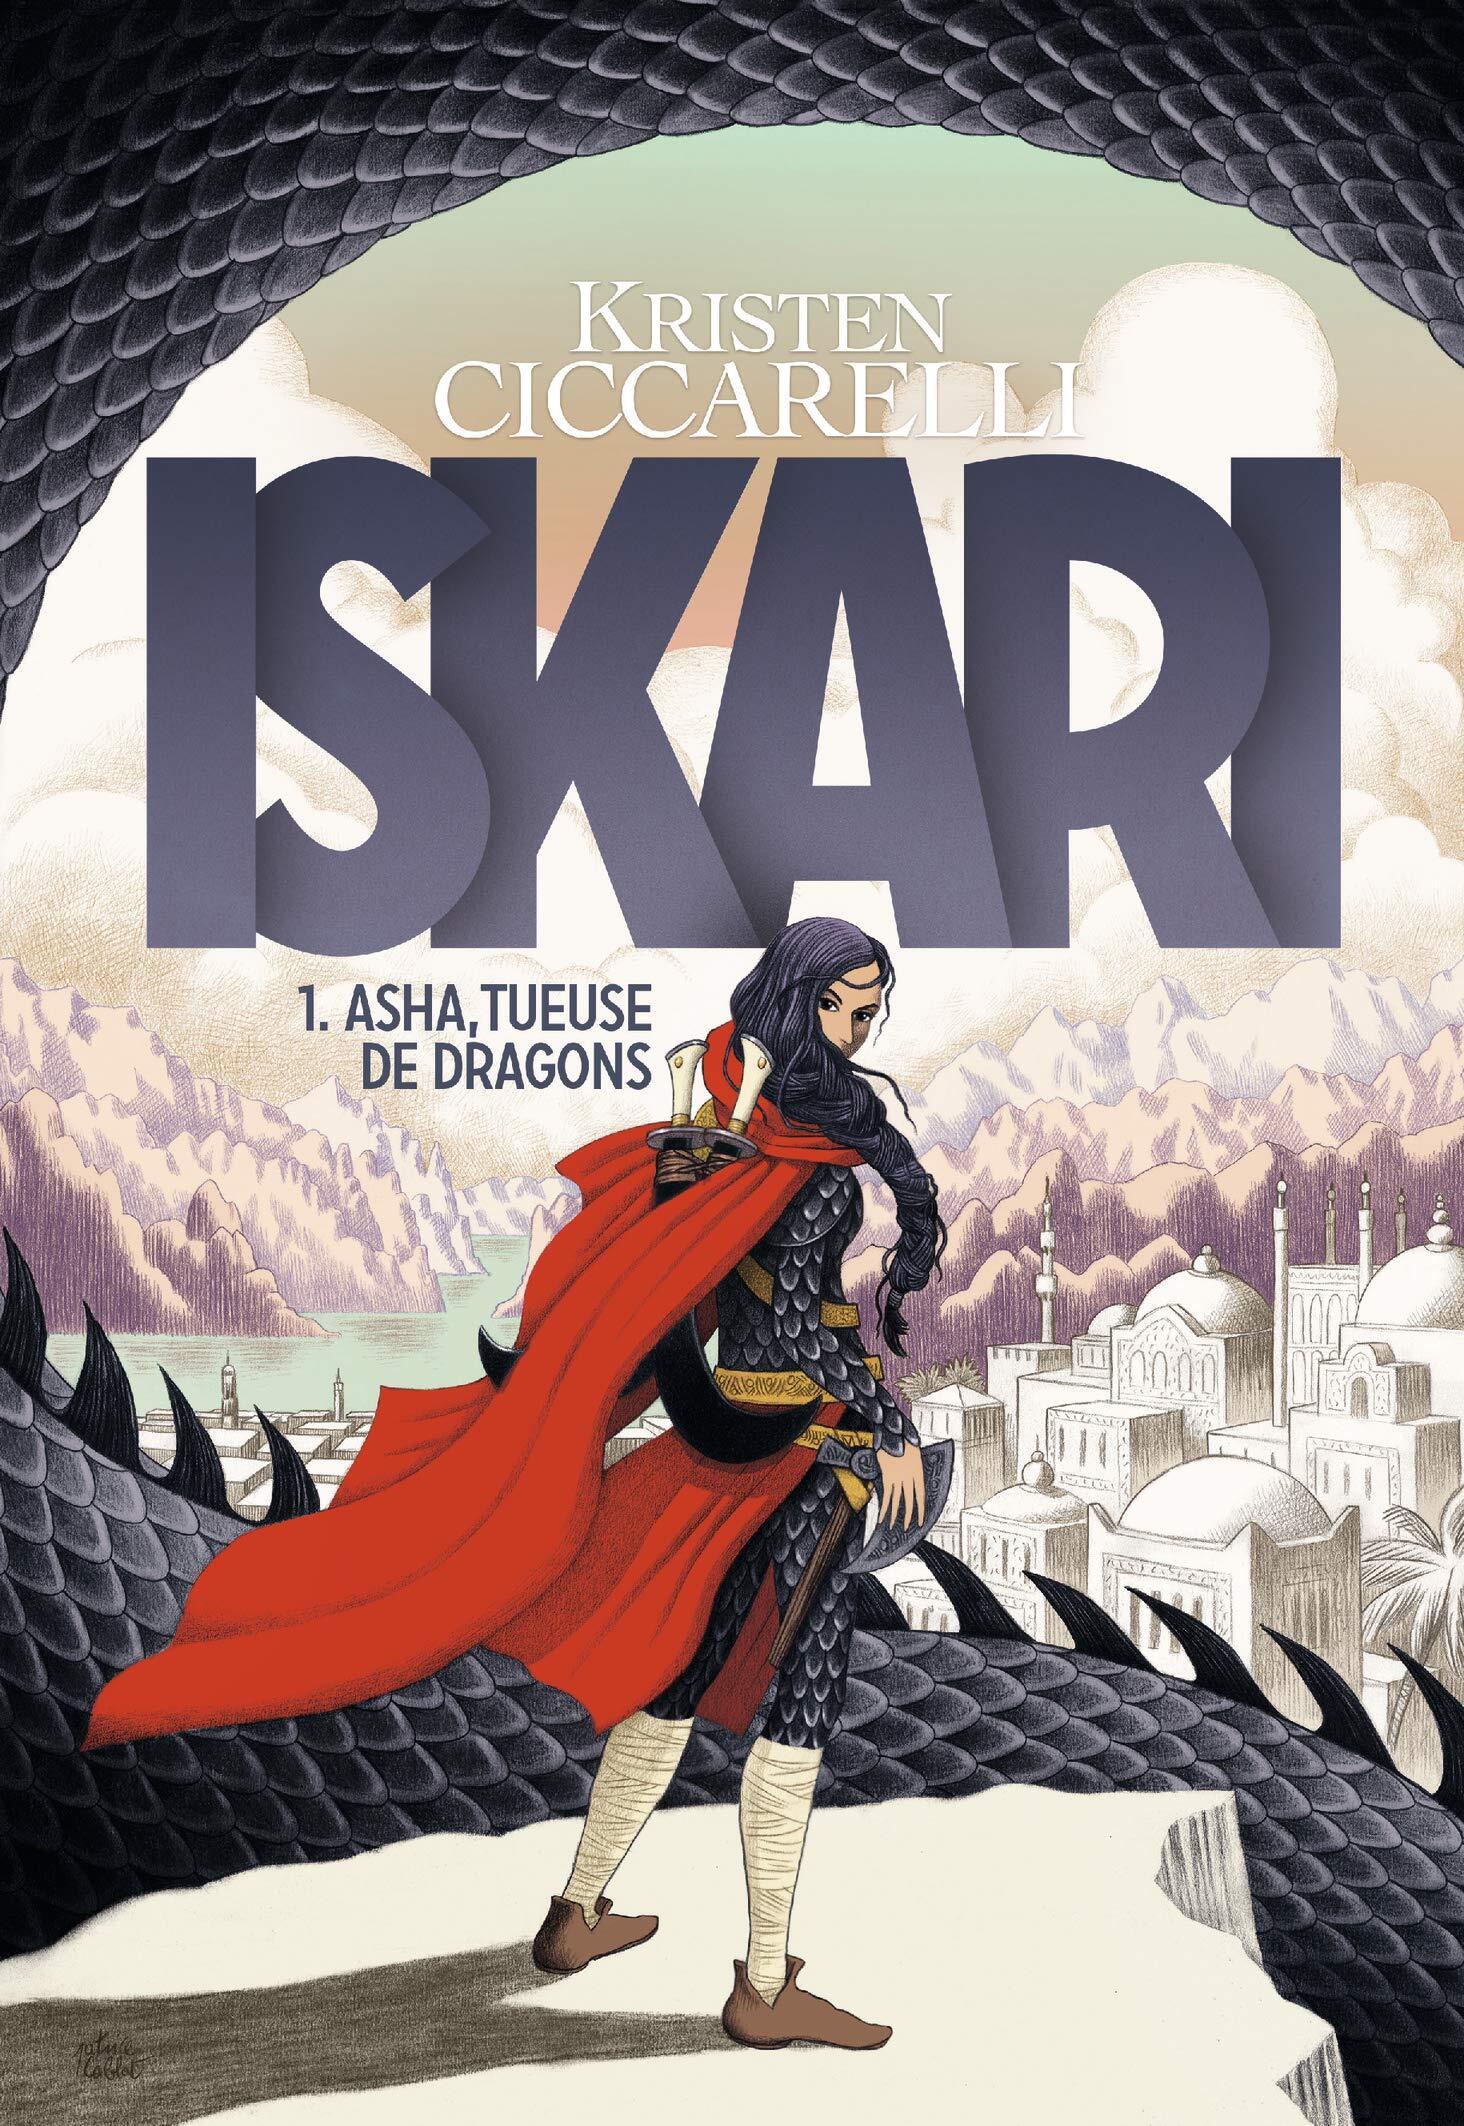 Couvertures, images et illustrations de La Légende d'Iskari, Tome 1 : Asha,  tueuse de dragons de Kristen Ciccarelli